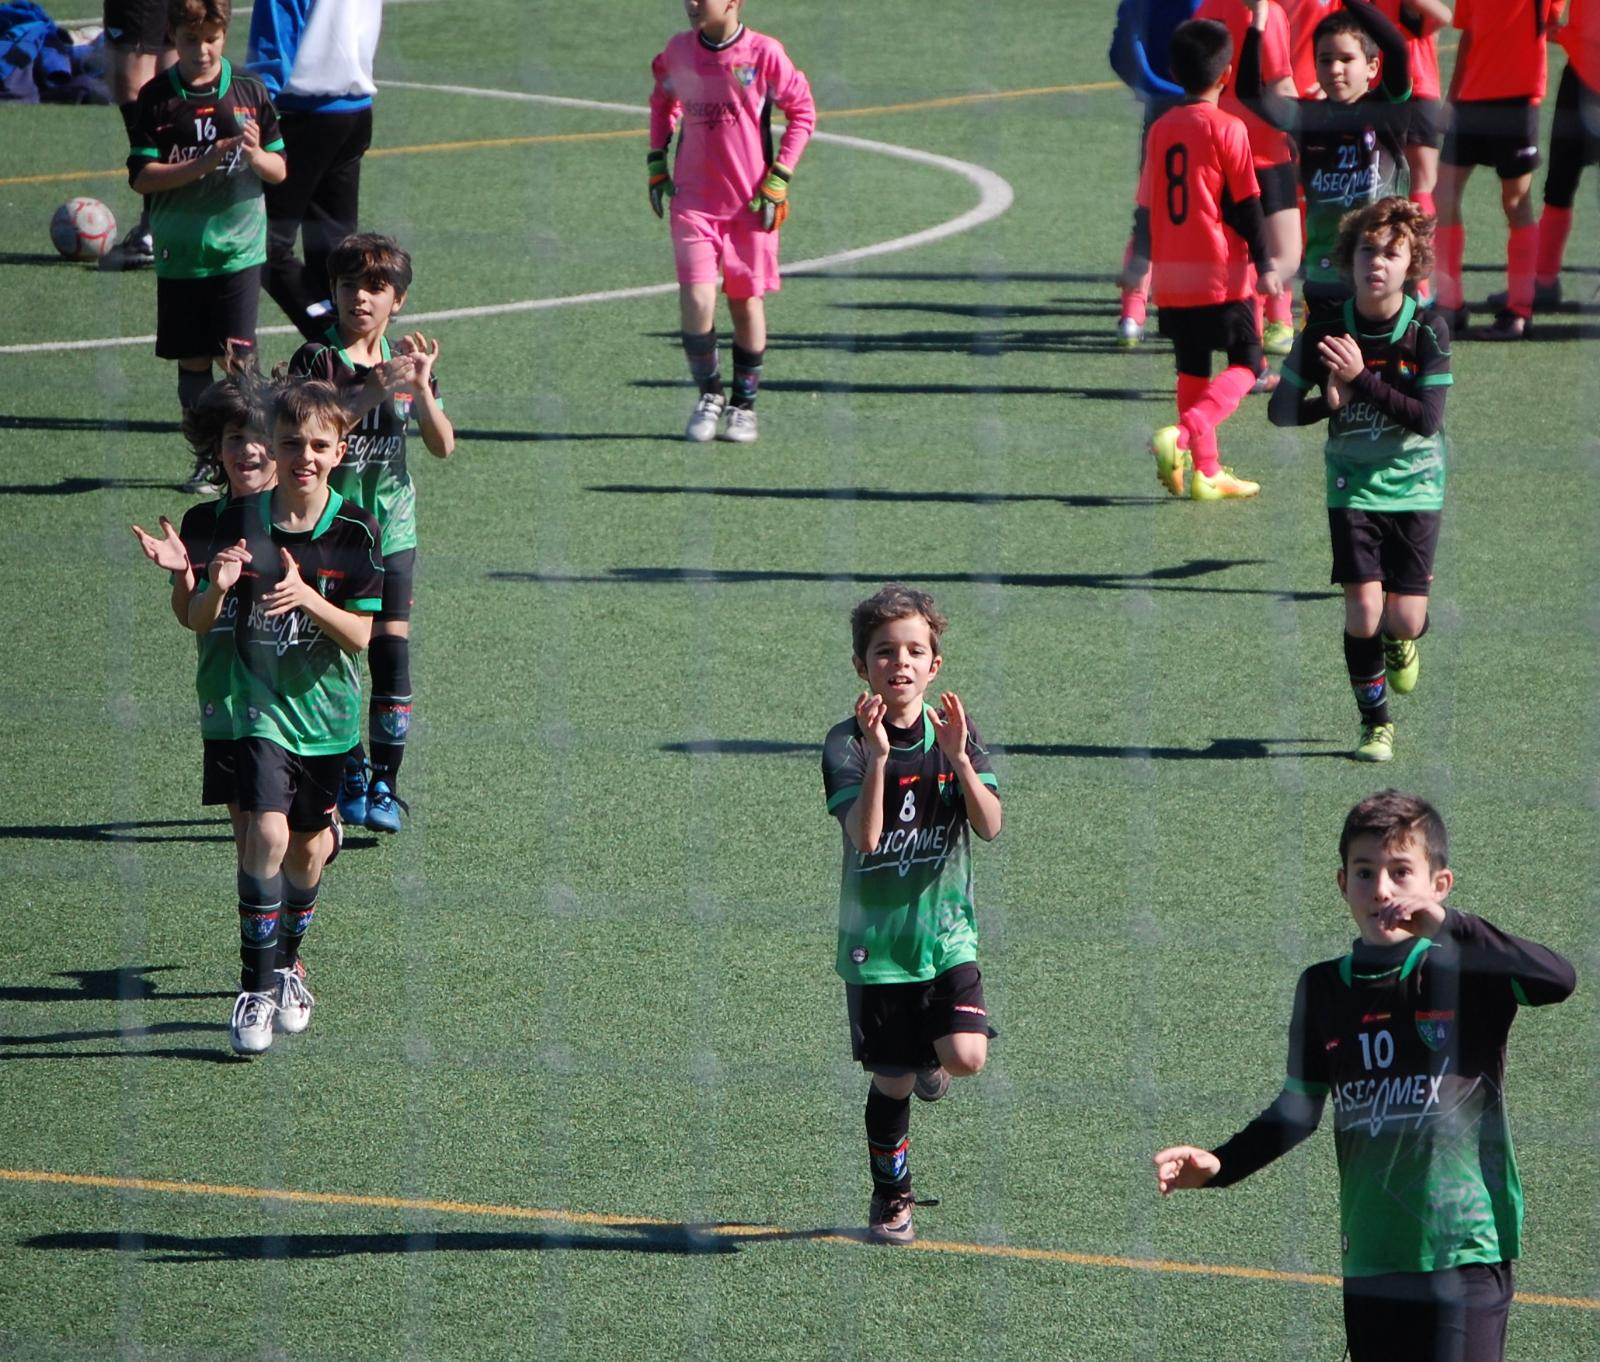 Crónica del partido Benjamín A 3-0 AD Sporting Hortaleza A